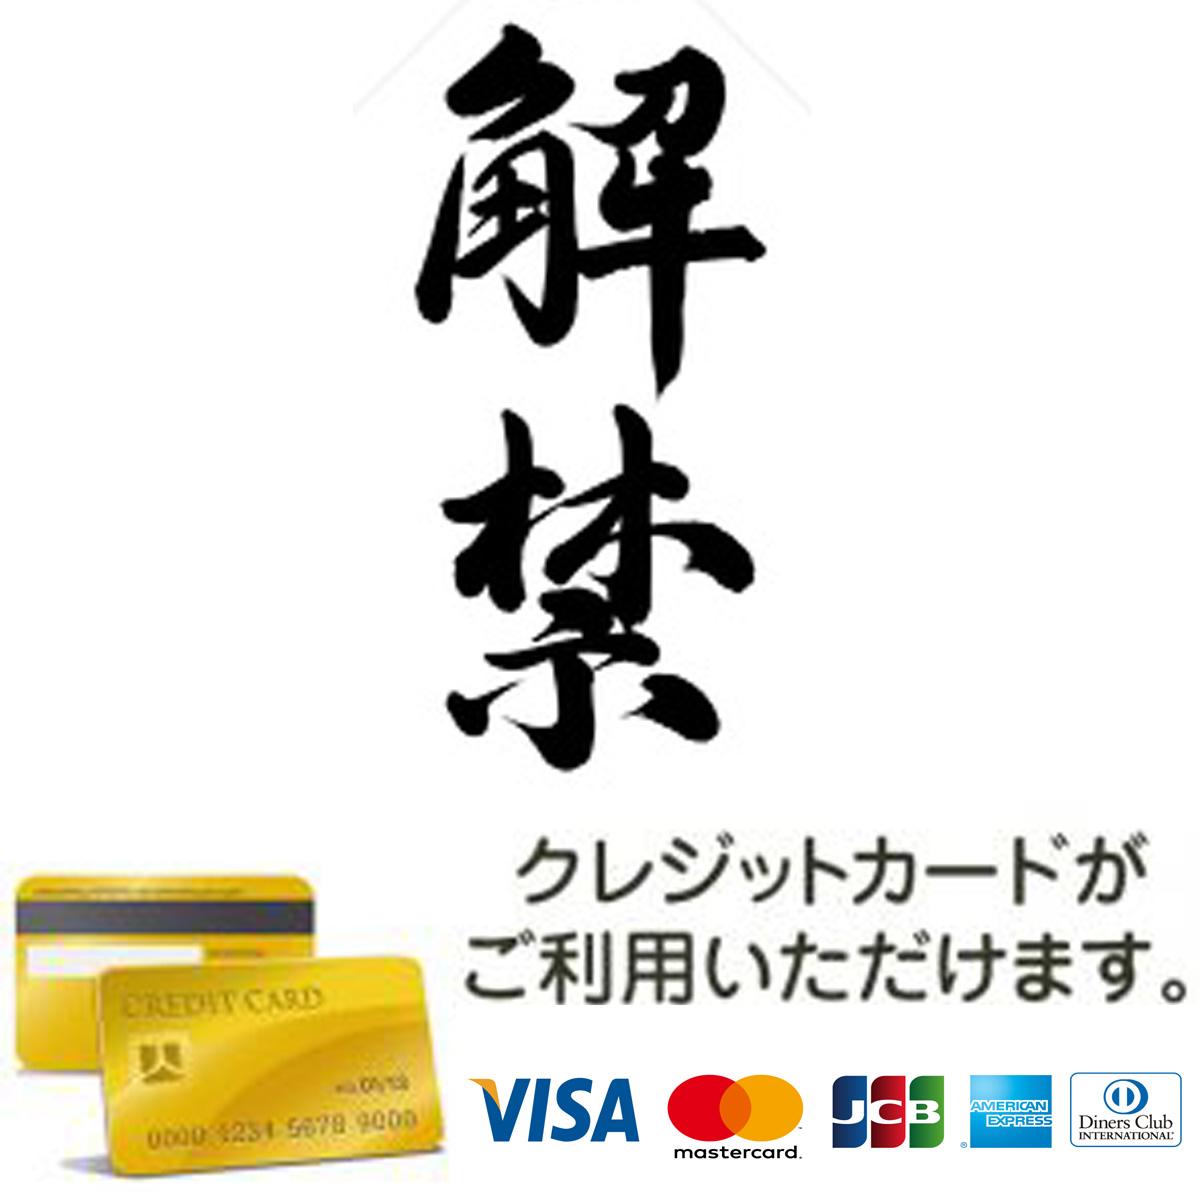 クレジット1200_1200